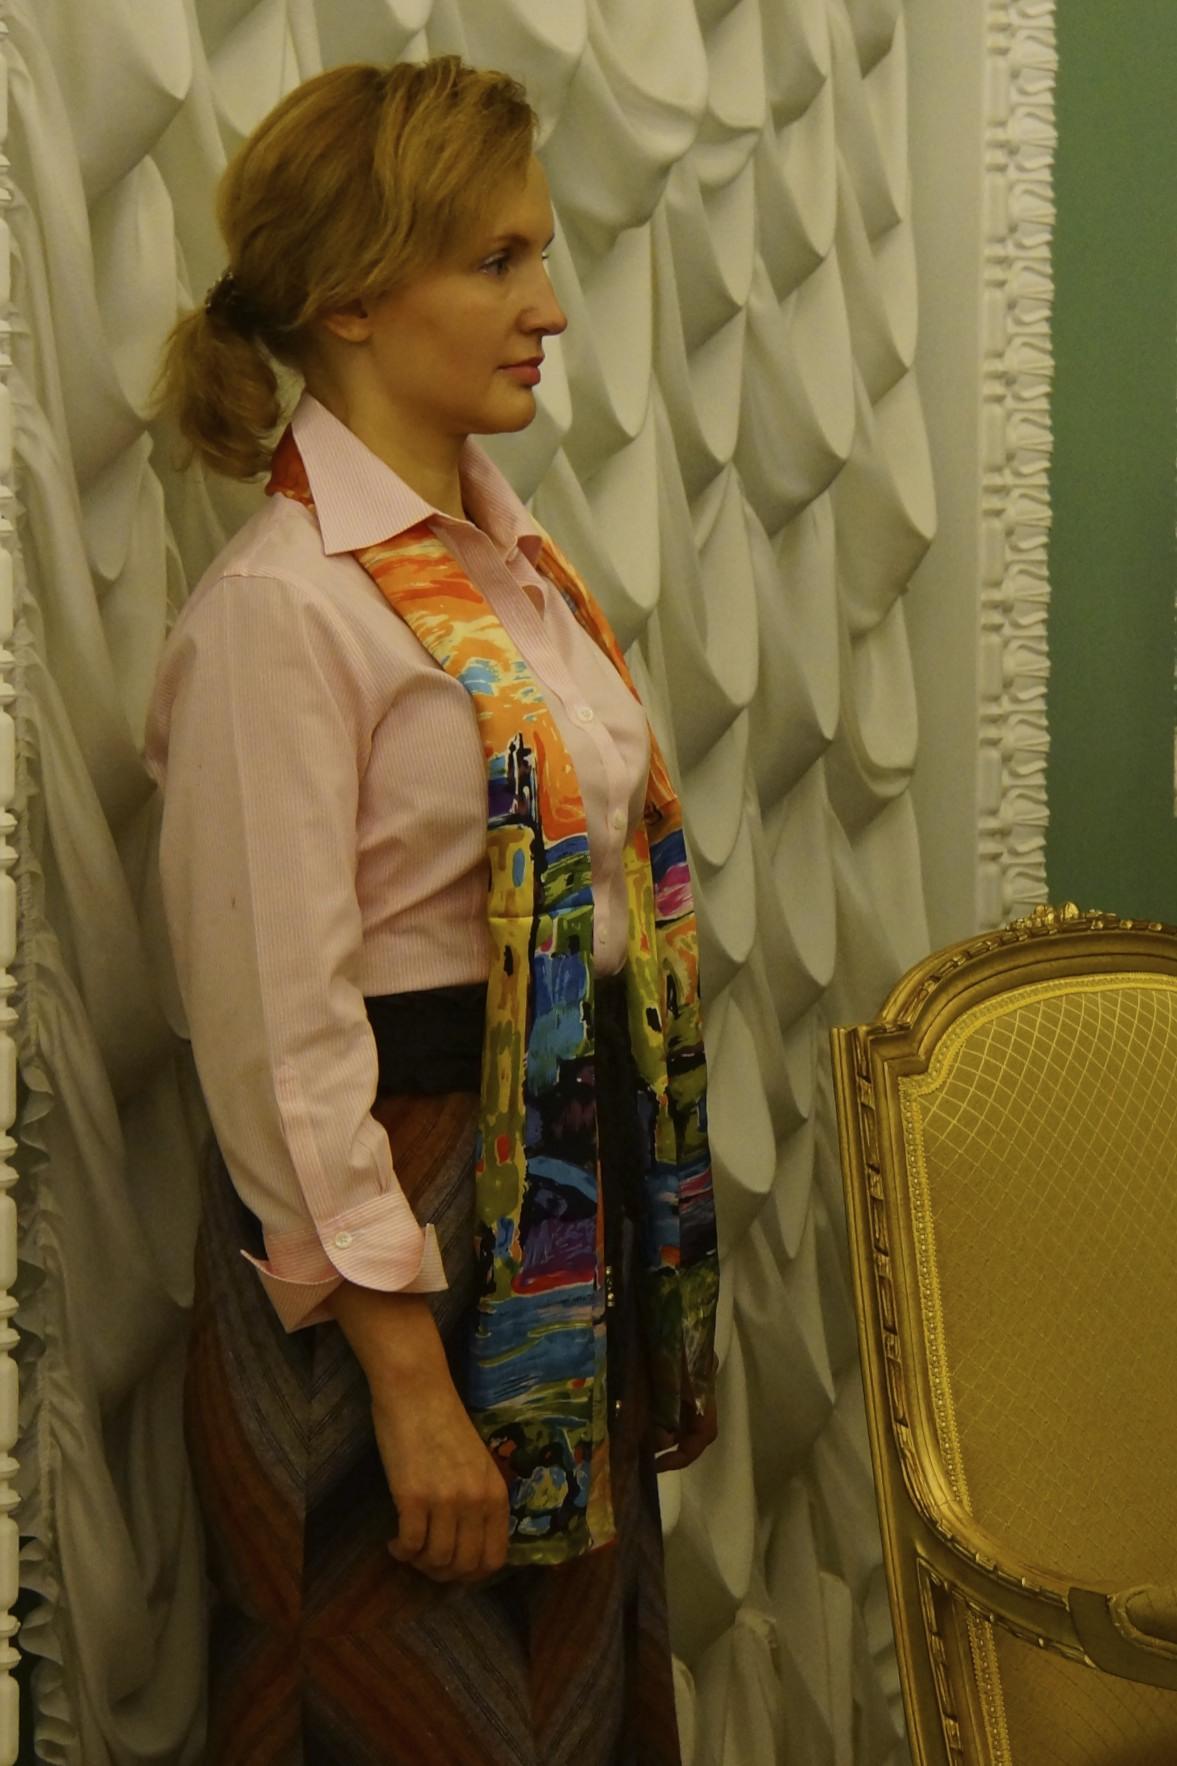 9-25-2012 Russia 6589 - Version 2